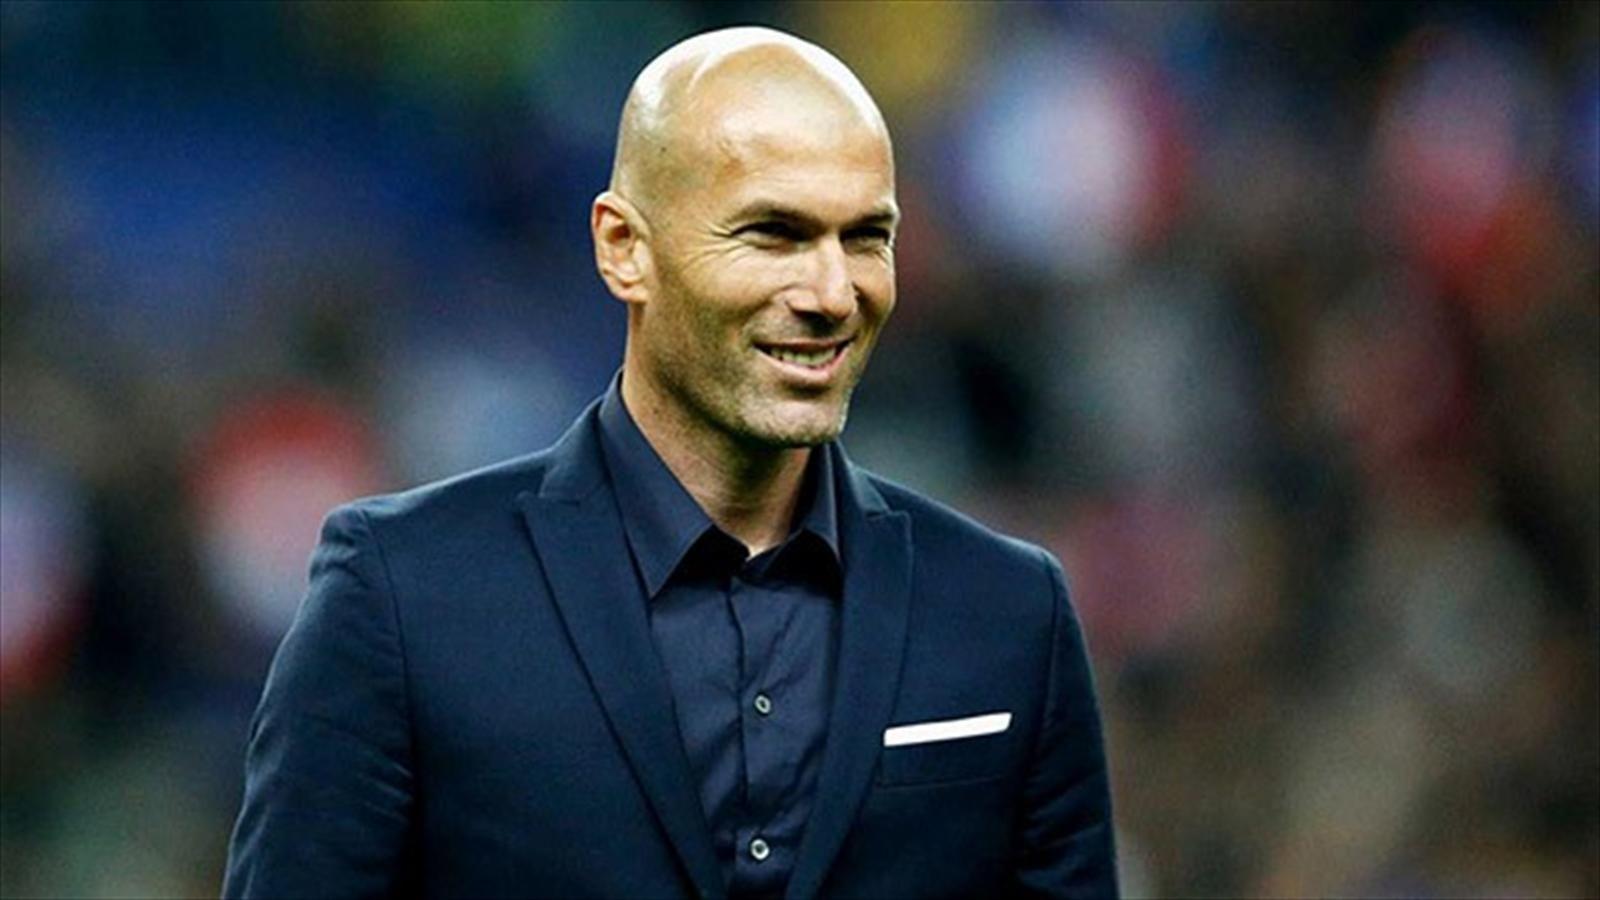 El único de lso tres banquillos que ha cambiado. 'Zizou' debuta como entrenador en Champios después de haberle devuelto al Real Madrid las buenas sensaciones y el buen juego con el que ganó 'La Décima'